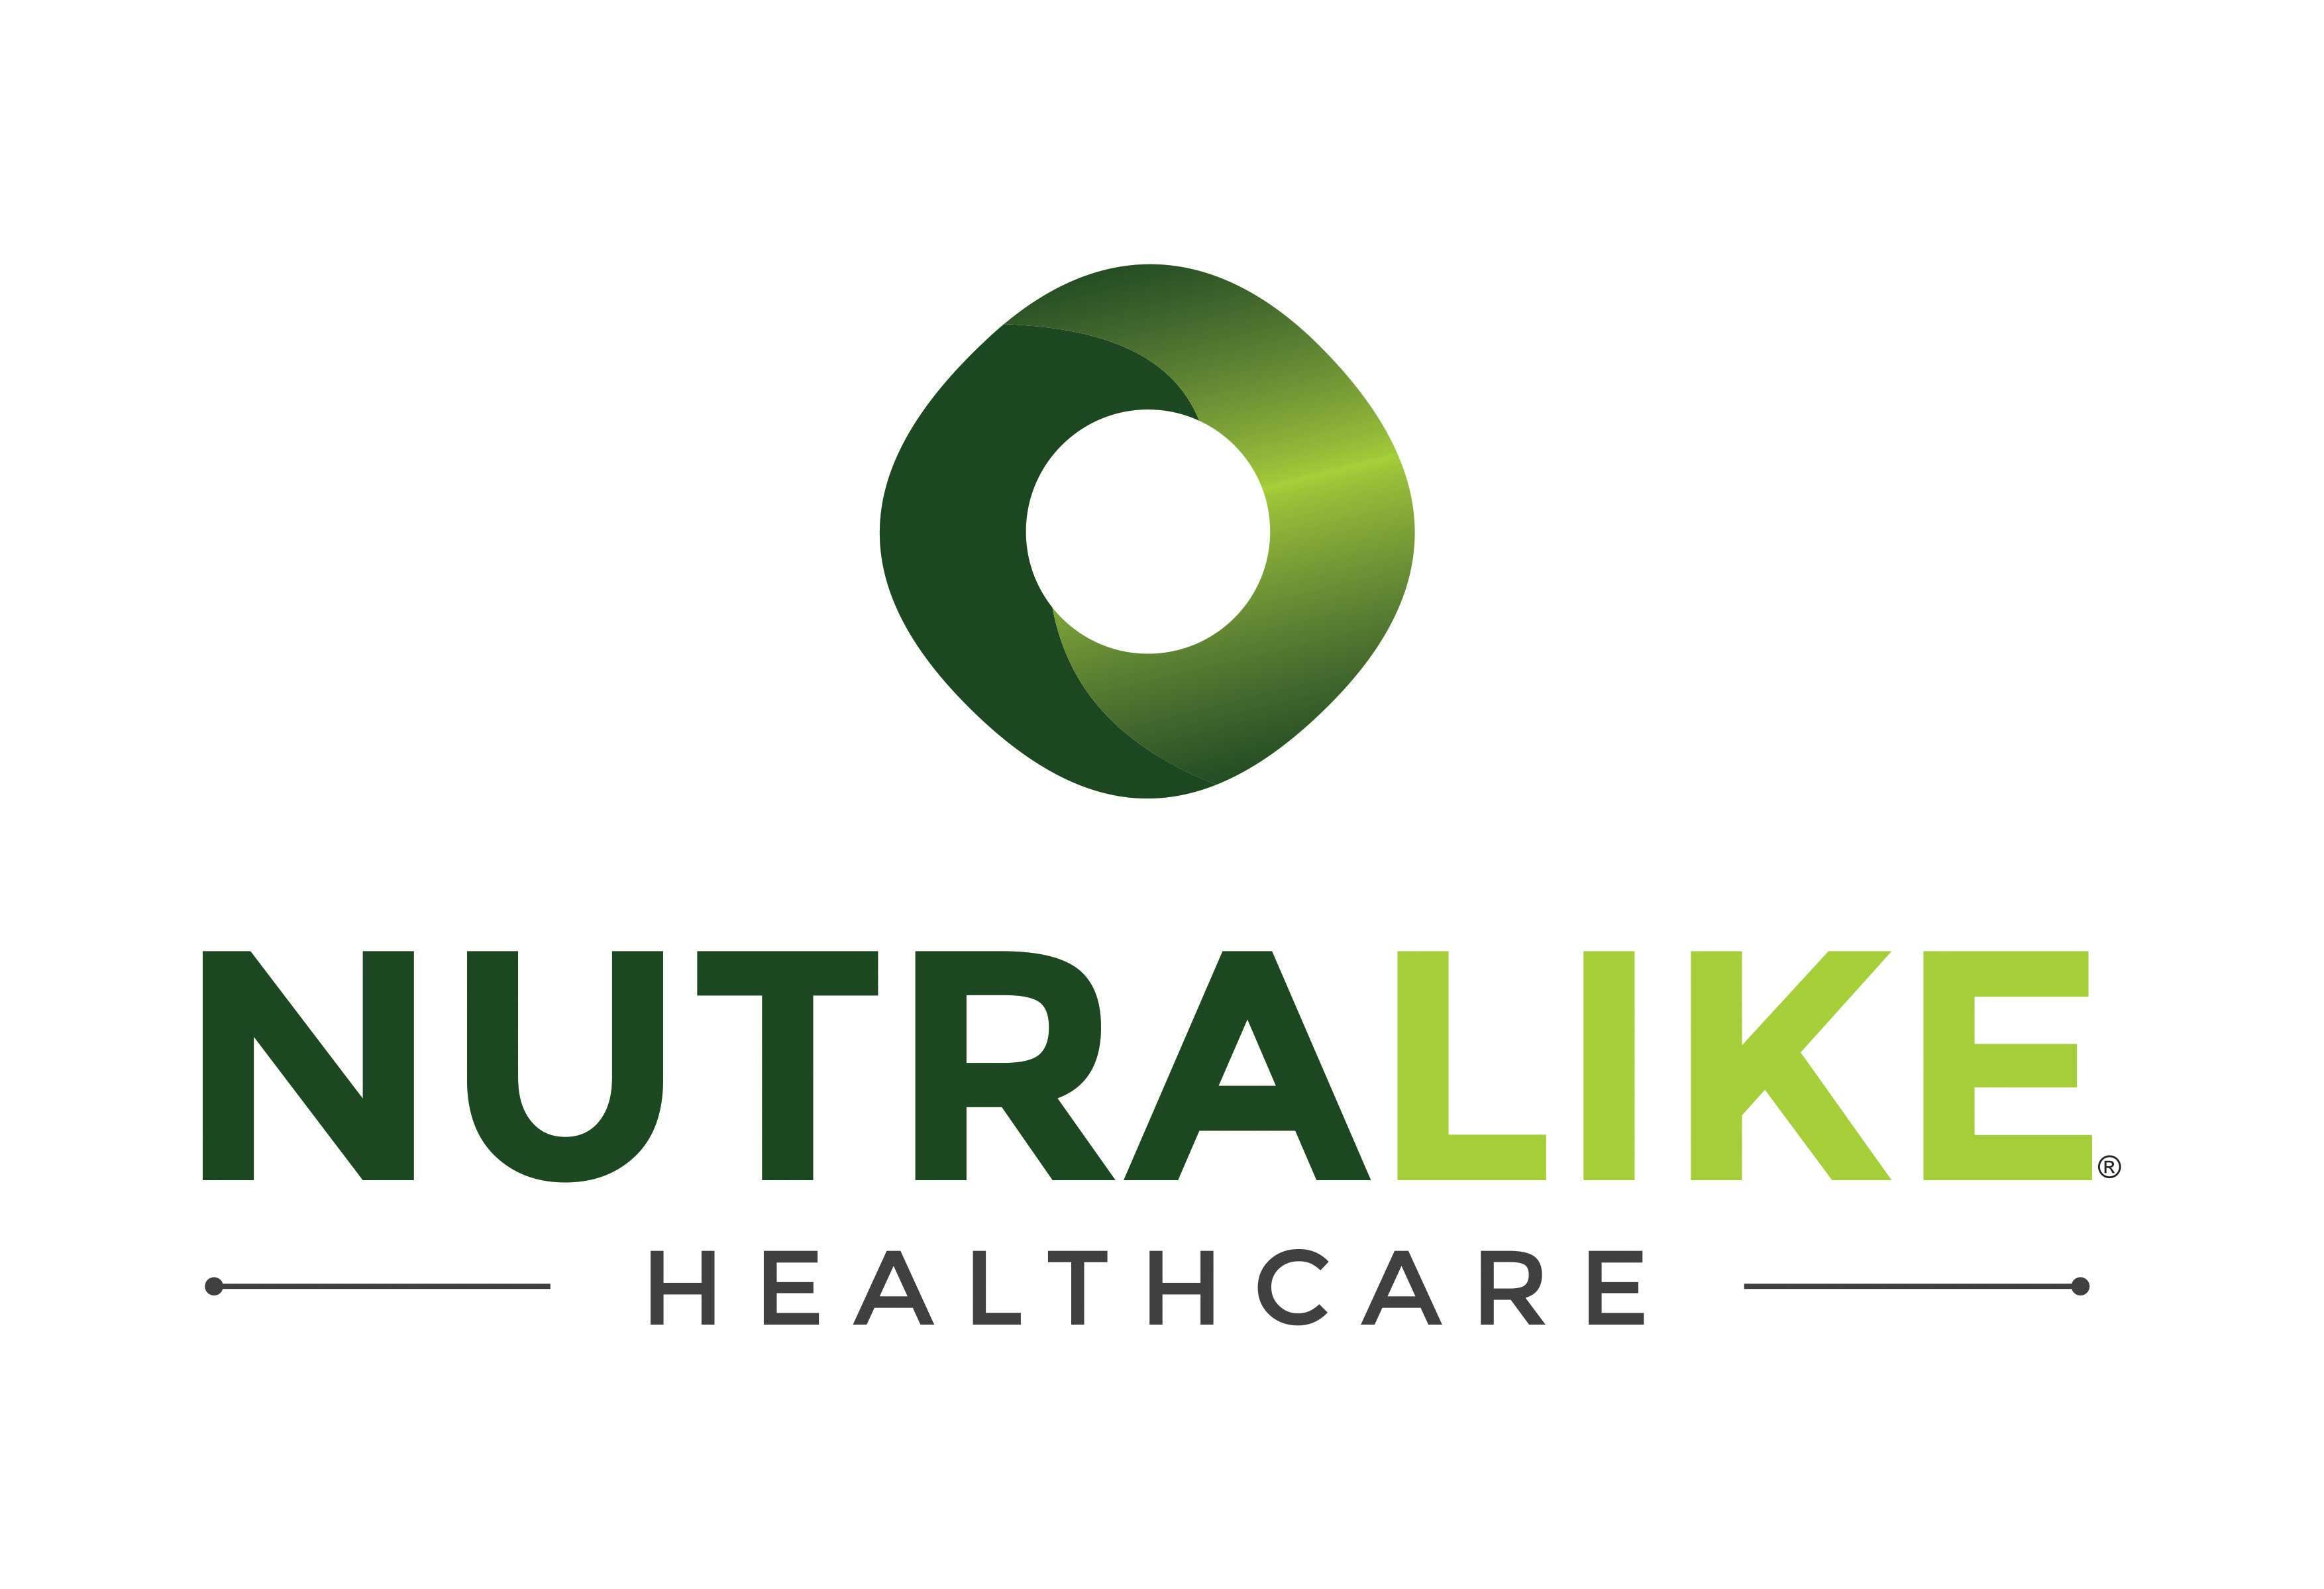 Nutralike Health Care